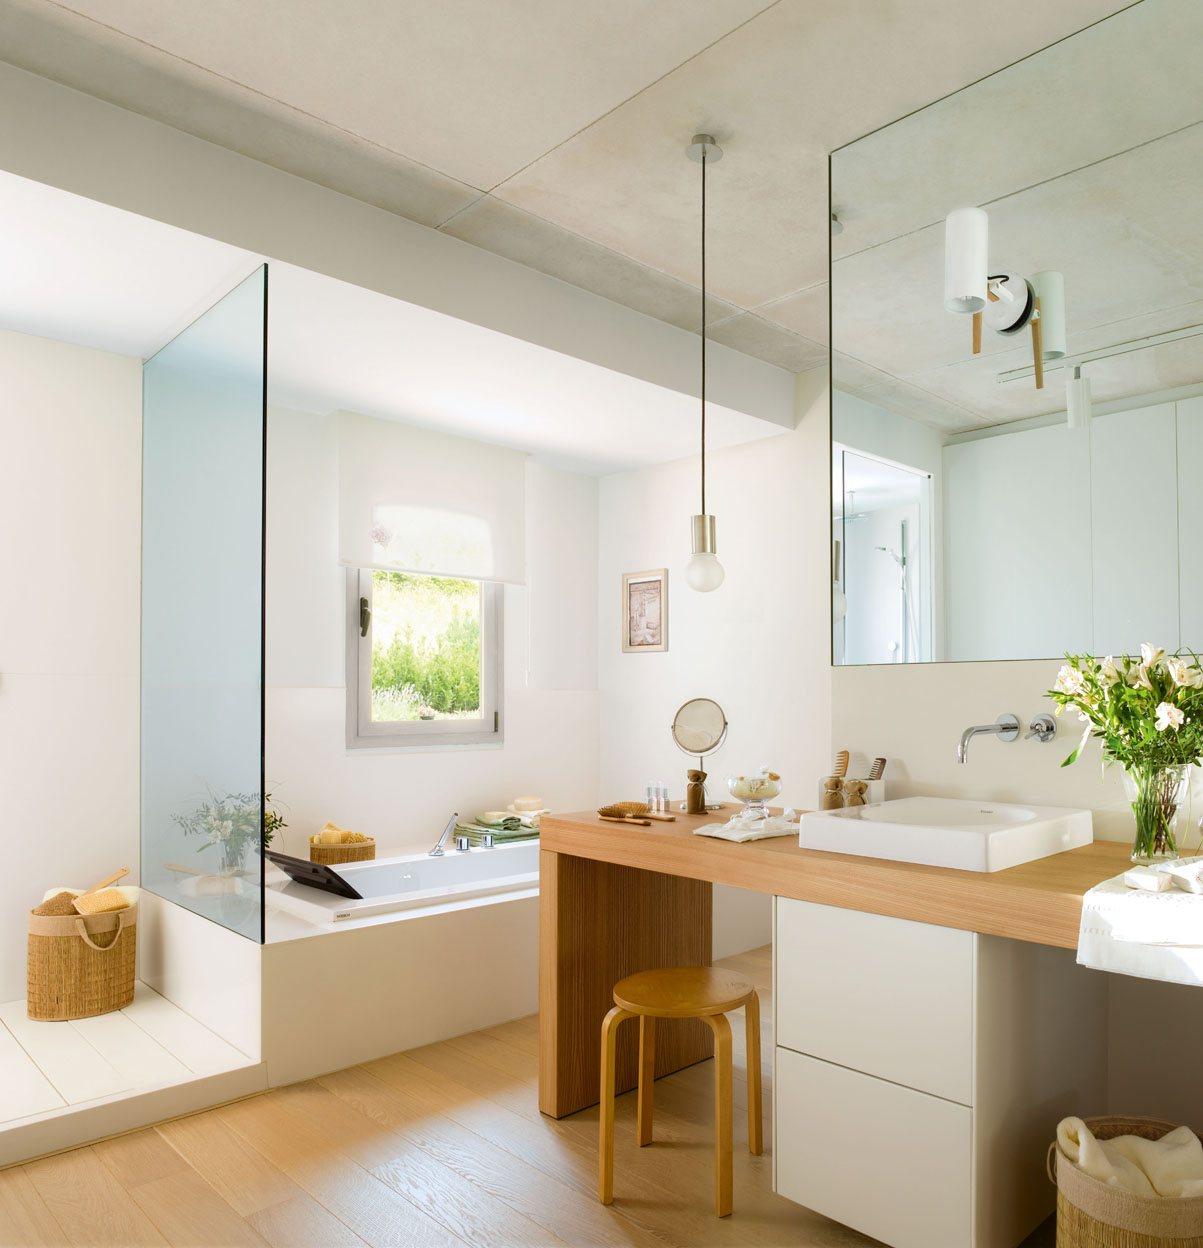 Un ba o luminoso y acogedor en blanco y madera - Reforma de un bano ...